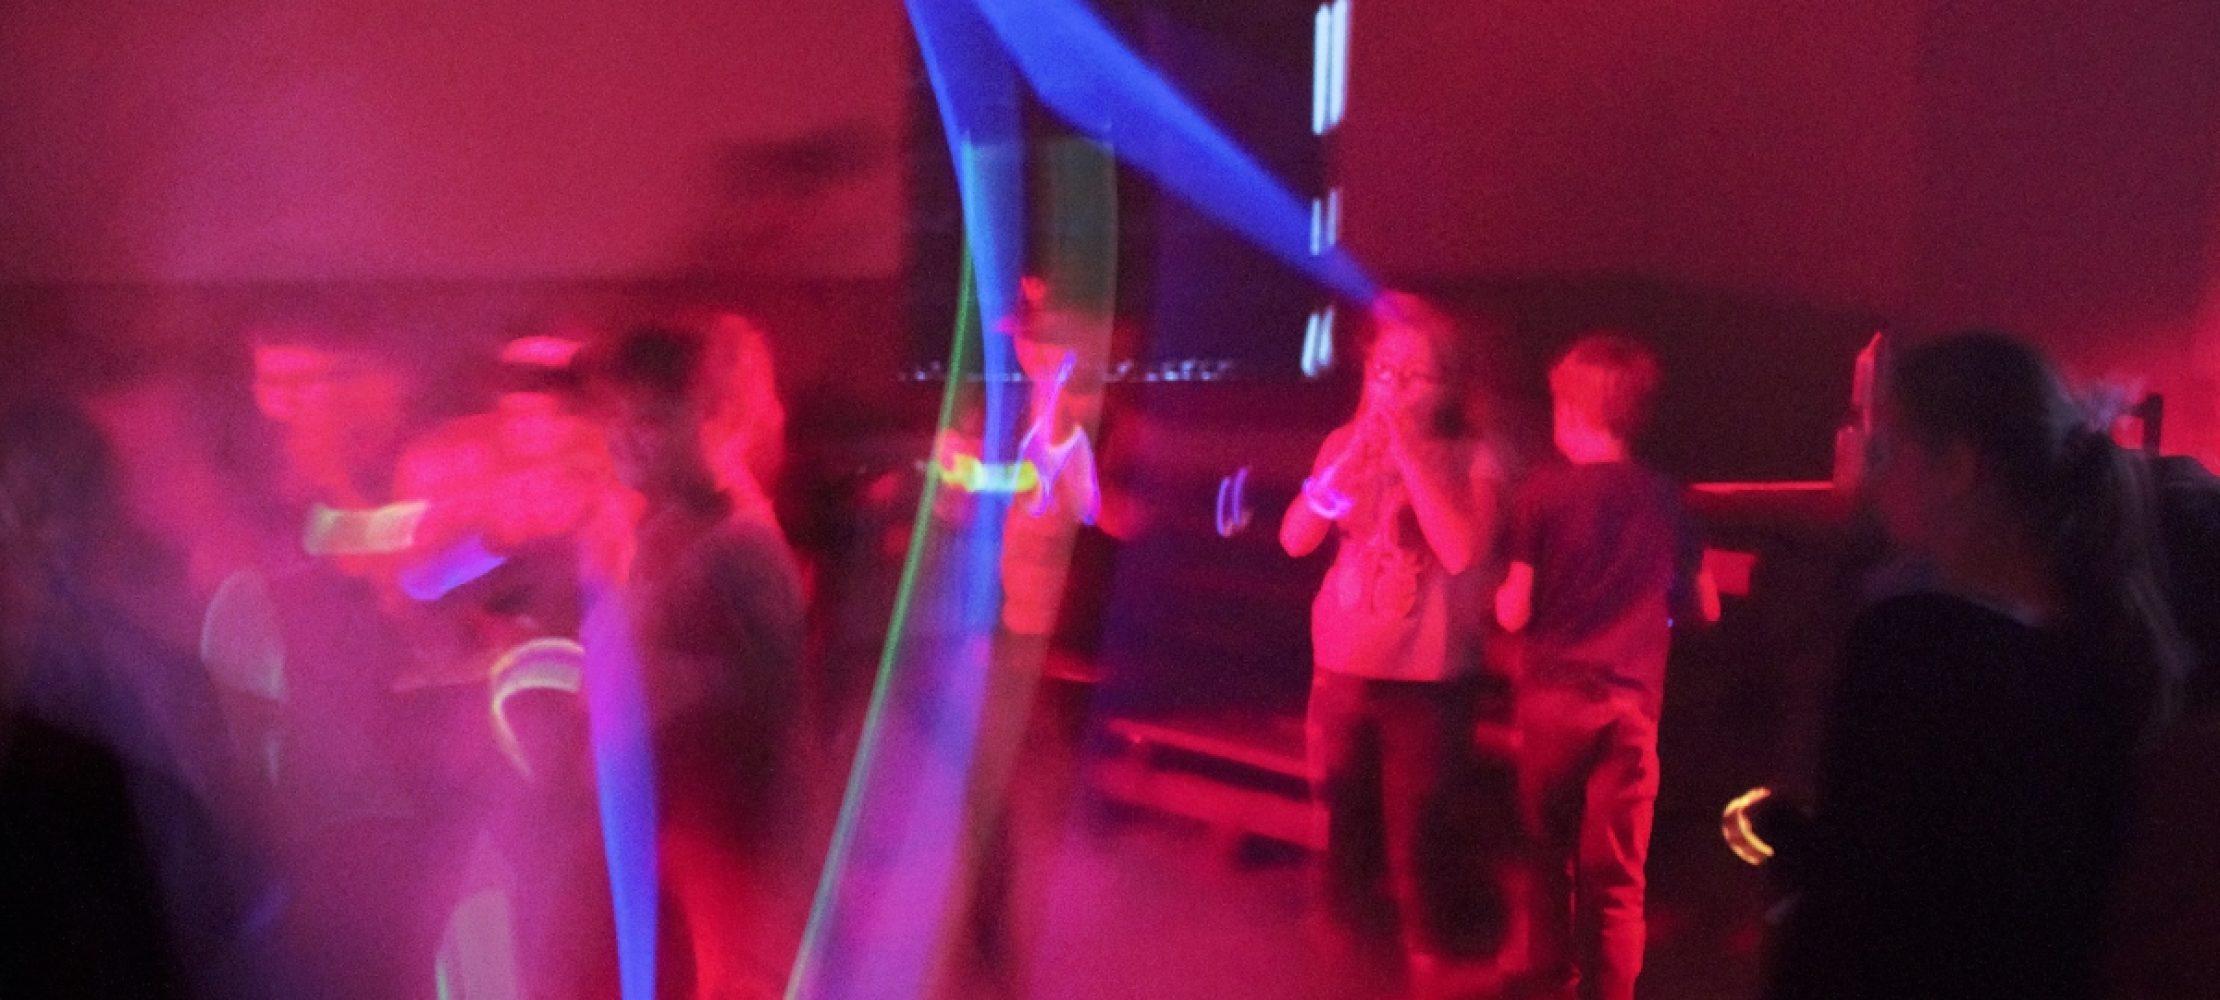 Hier Kannst Du Tanzen Kinderdiscos In Nrw Duda News